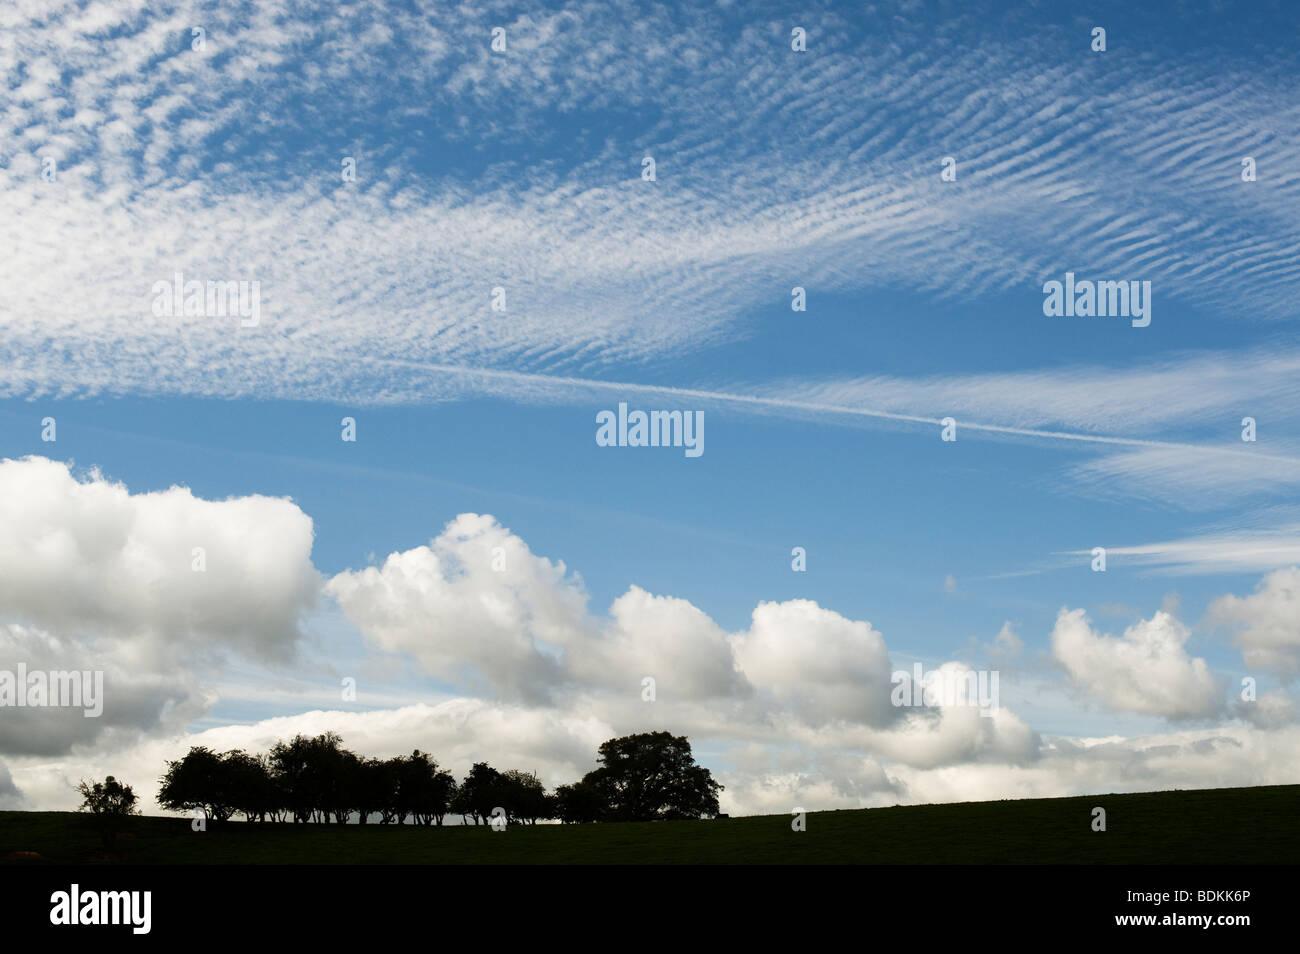 Shropshire Rural campagne près de Ludlow, silhouette des arbres et nuages d'été bleu ciel. UK Photo Stock